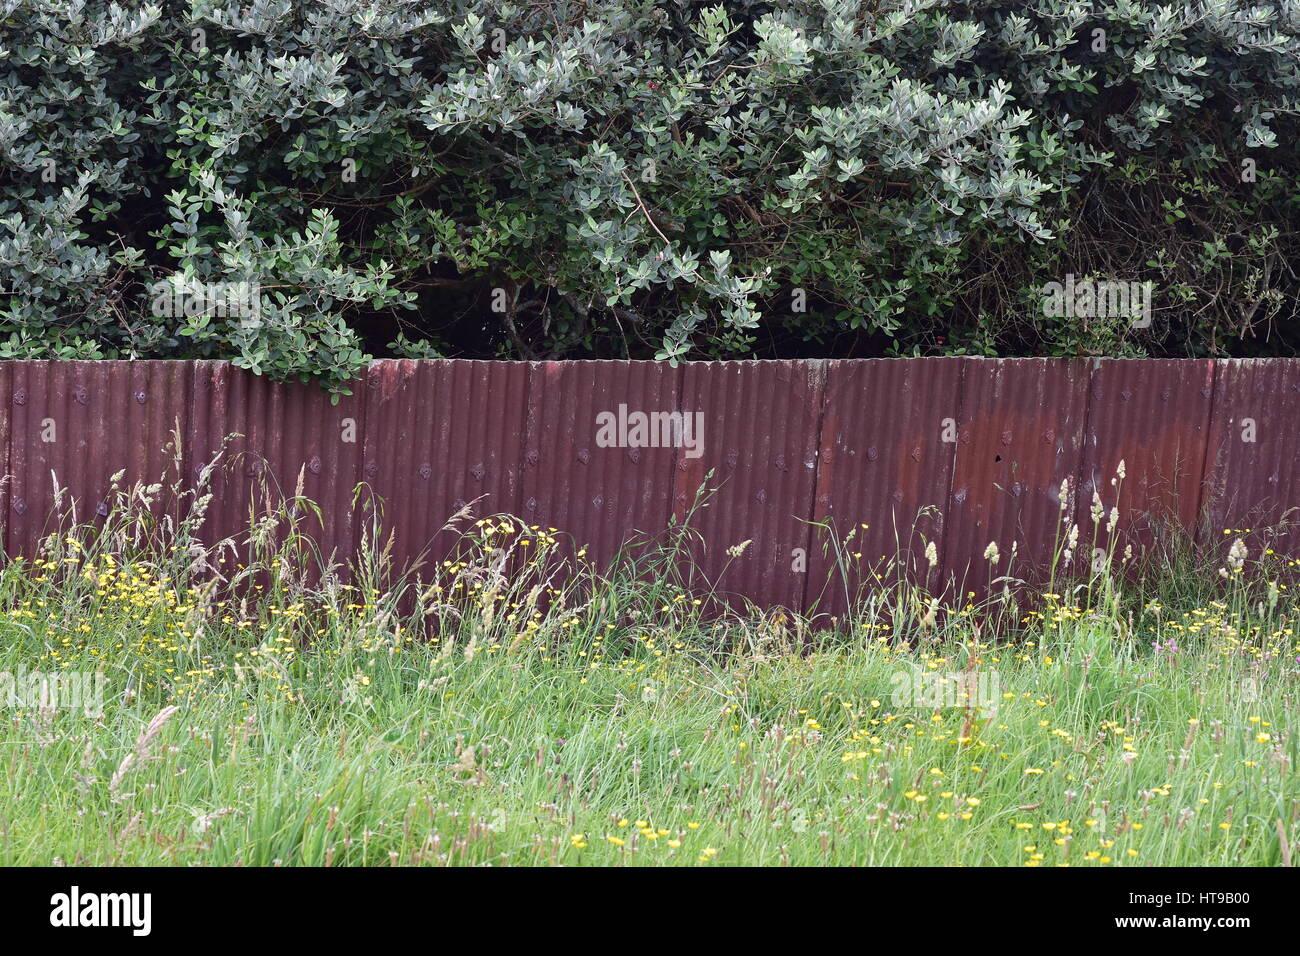 Panneaux de clôture faite de tôle ondulée rouillée avec herbe devant et derrière les arbres. Banque D'Images